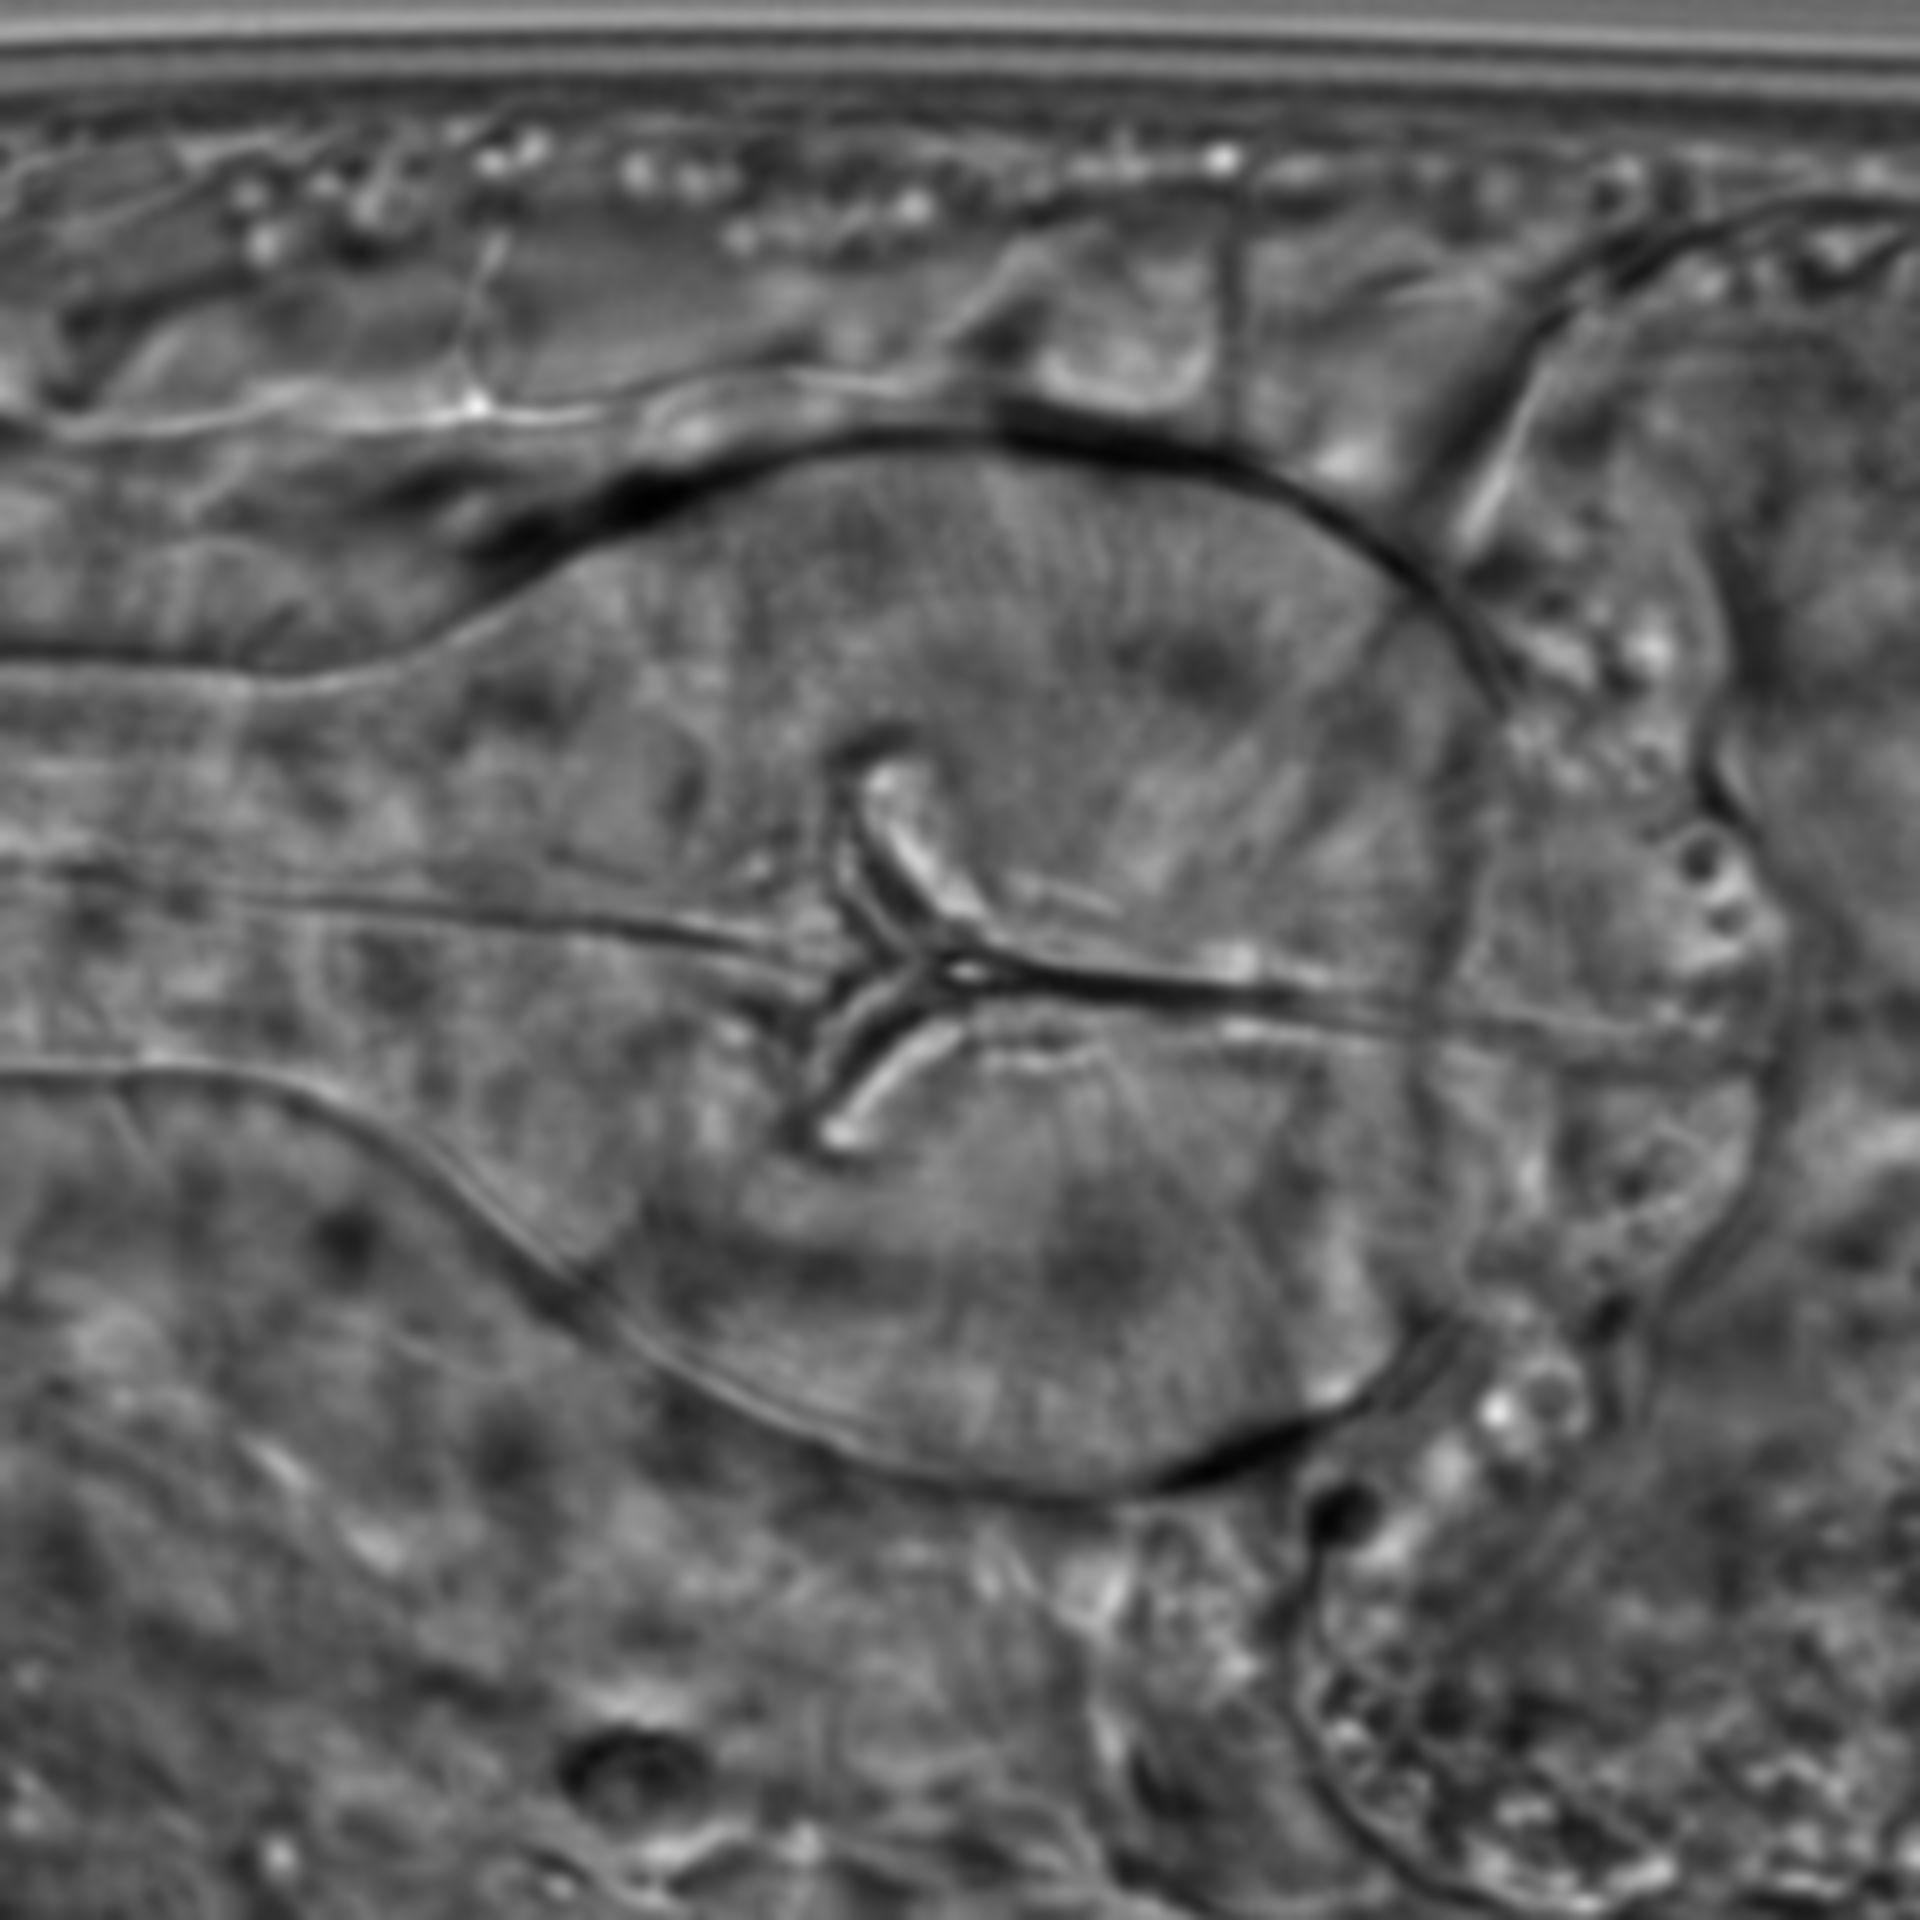 Caenorhabditis elegans - CIL:1616